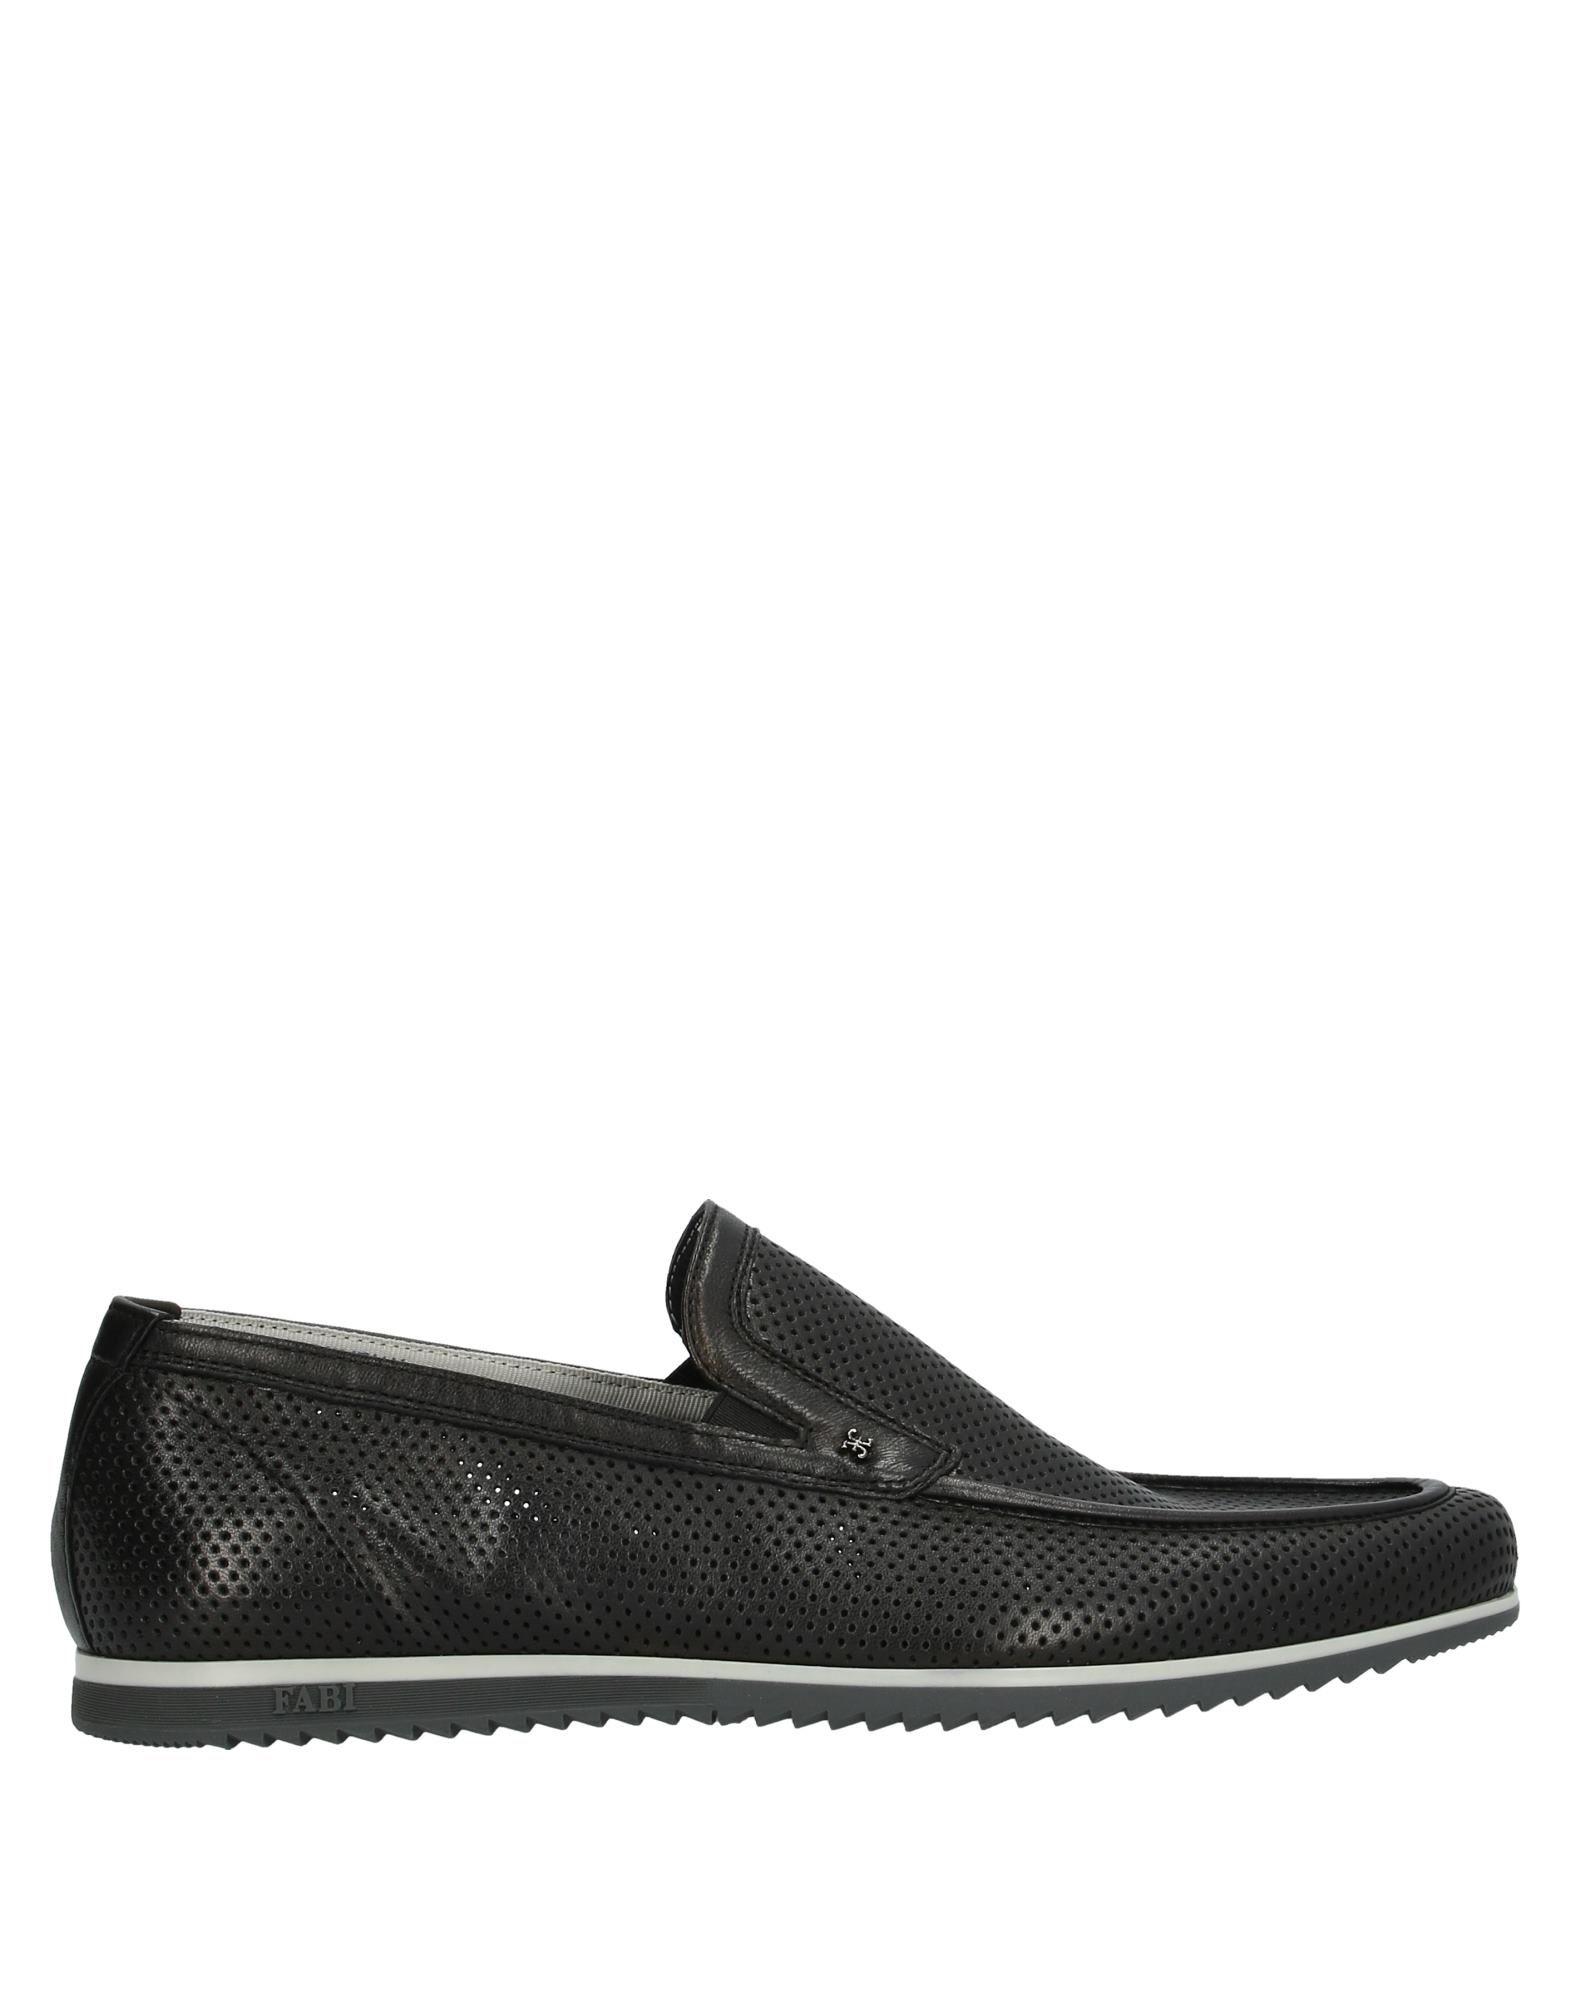 скальные туфли купить в челябинске